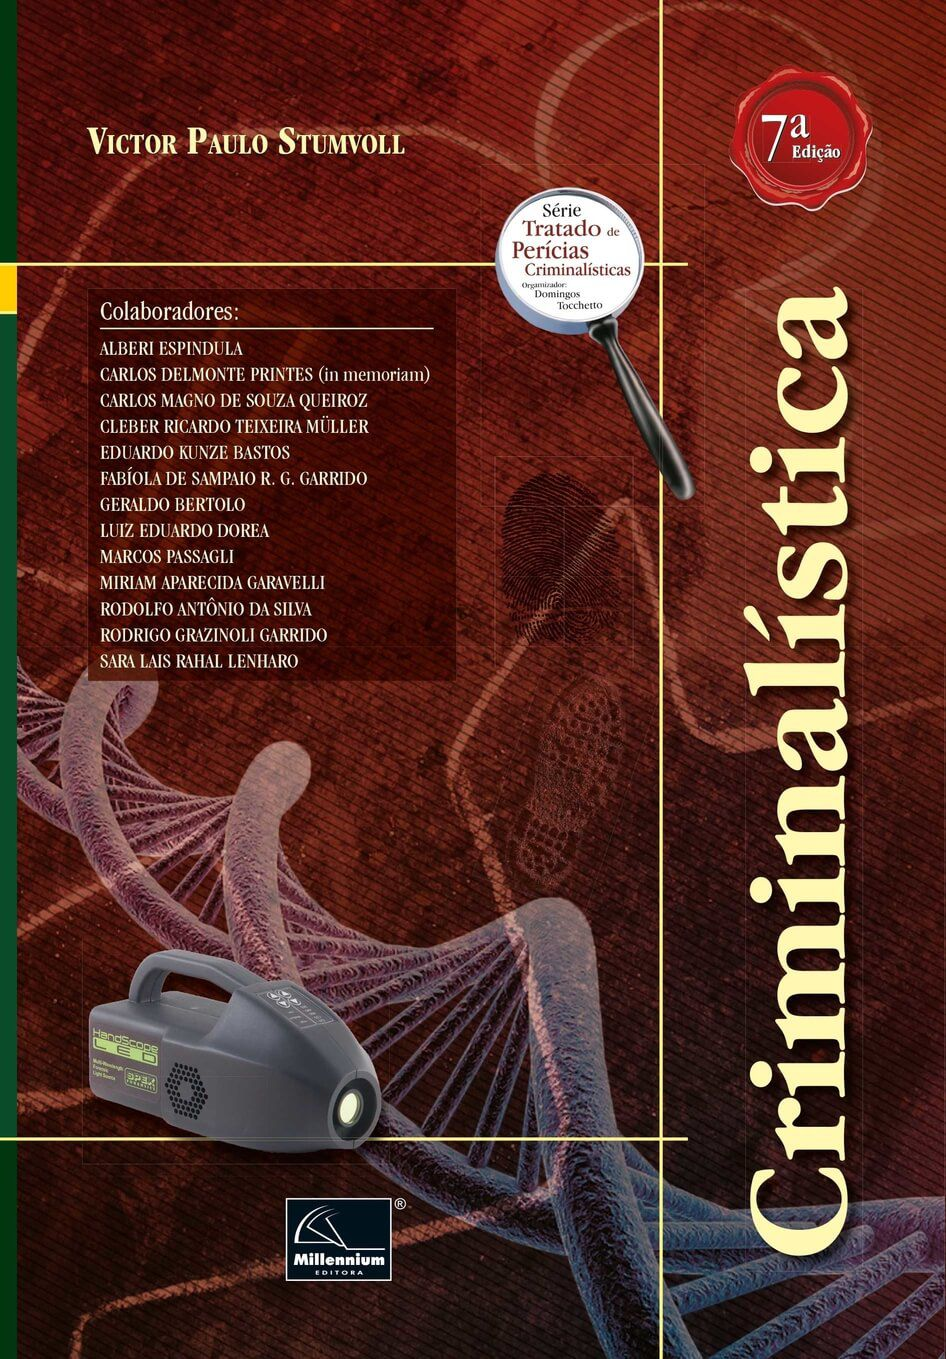 Criminalística 7ª Edição  - Millennium Editora - Livros de Perícia